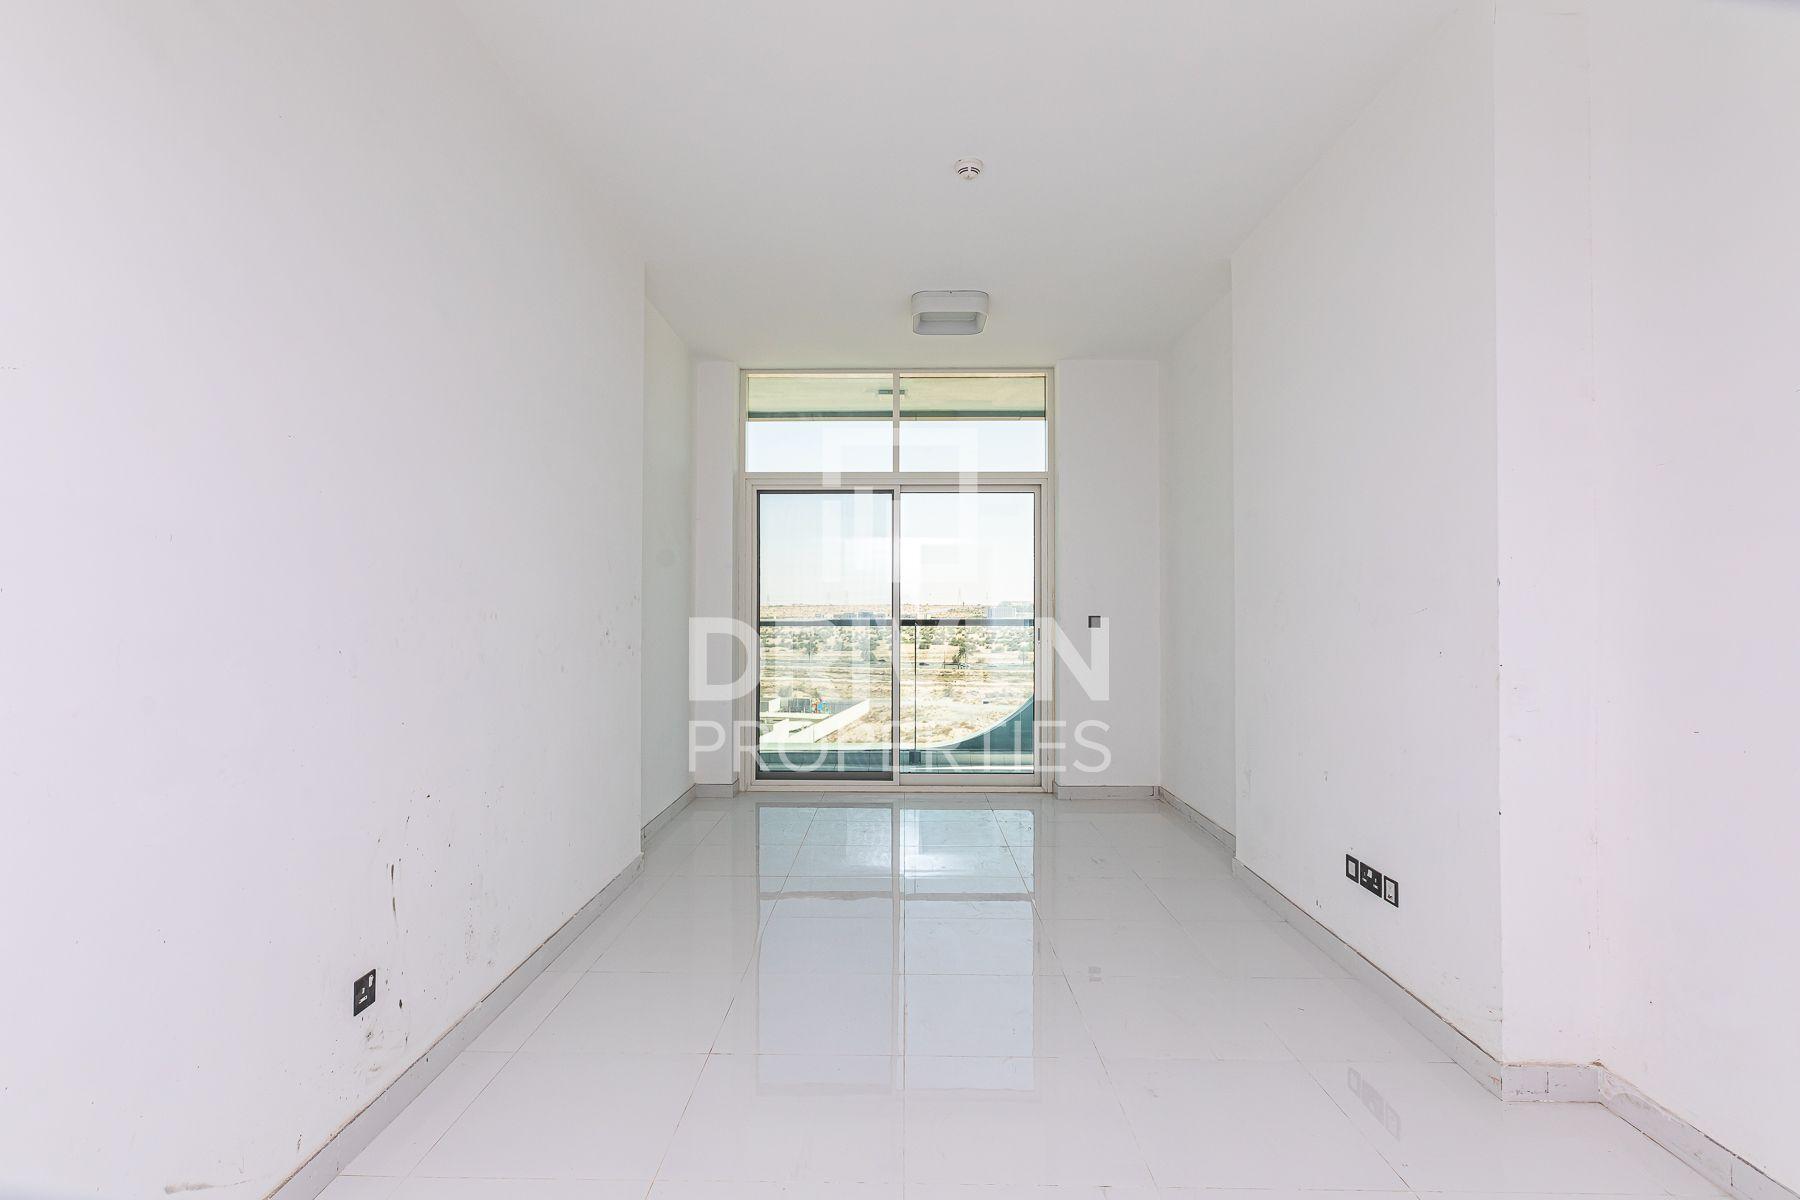 للبيع - شقة - ارابيان جات - واحة السيليكون